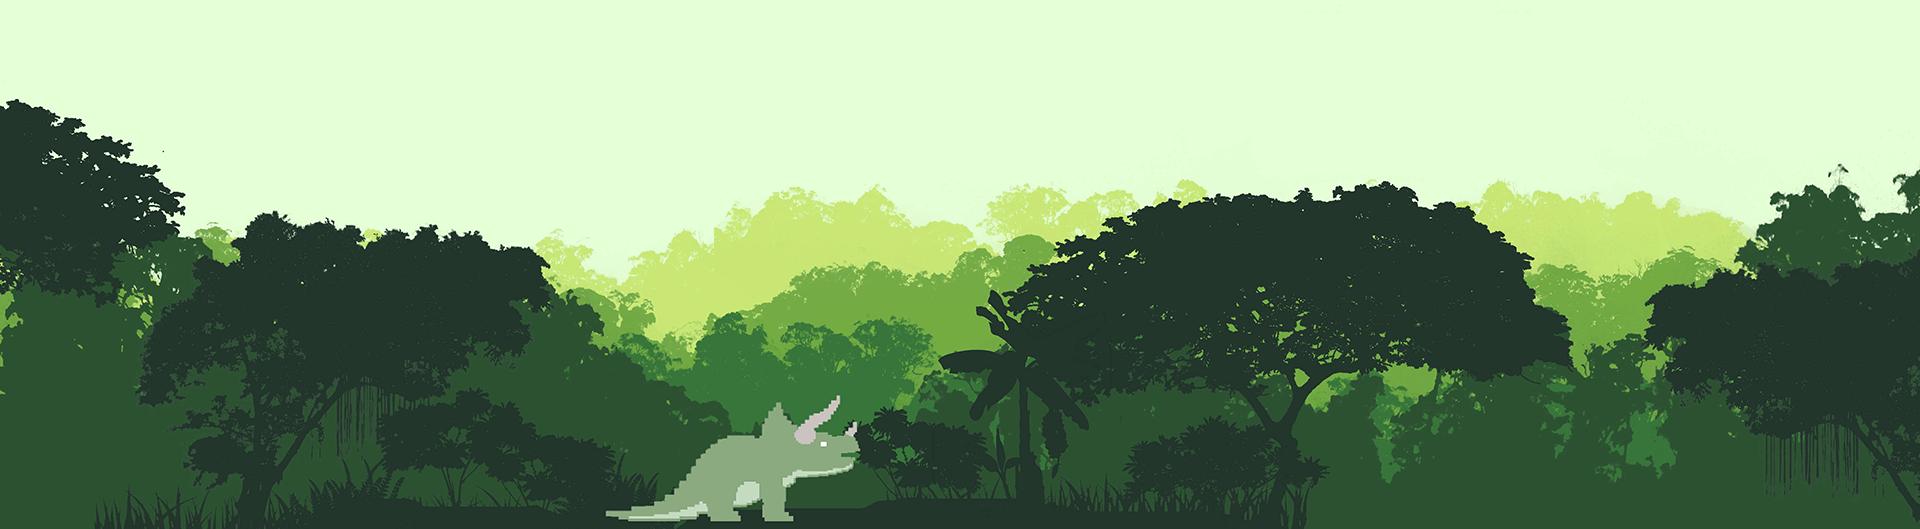 Content development dienst banner - Digital Dinosaurs